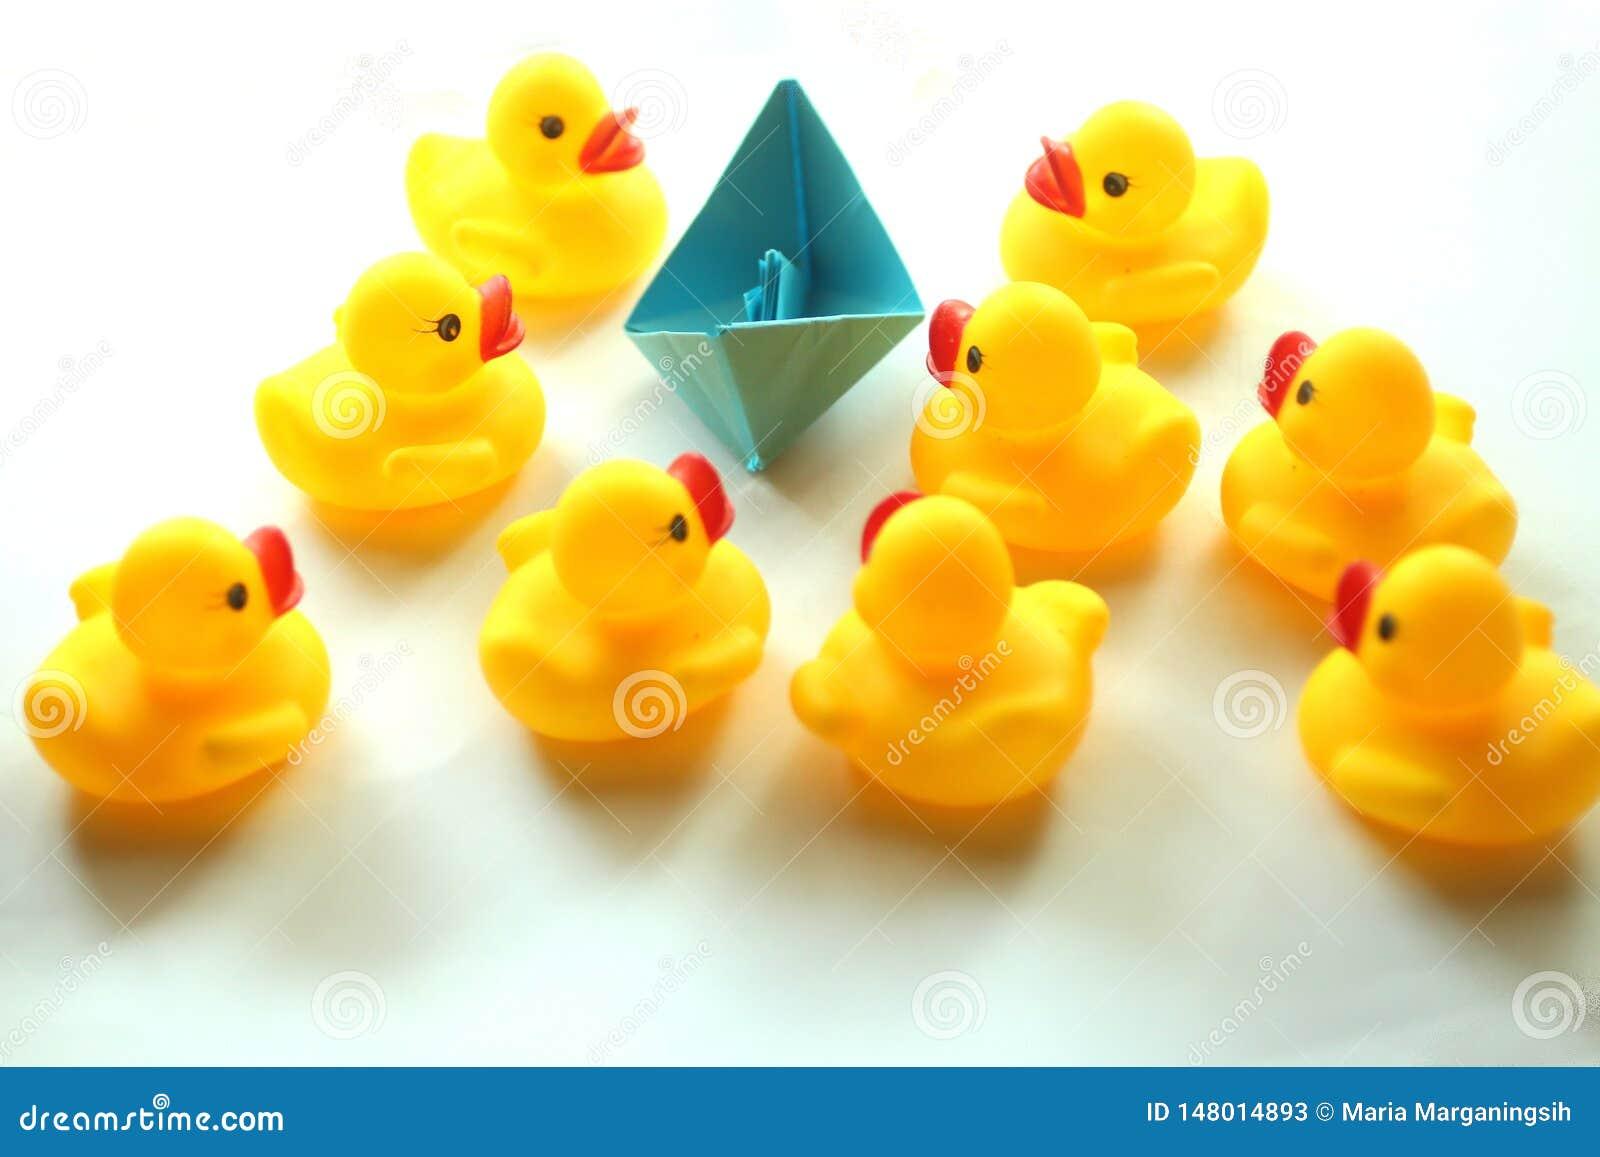 Canards en caoutchouc jaunes mignons et un bateau de papier d origami dans la couleur bleue